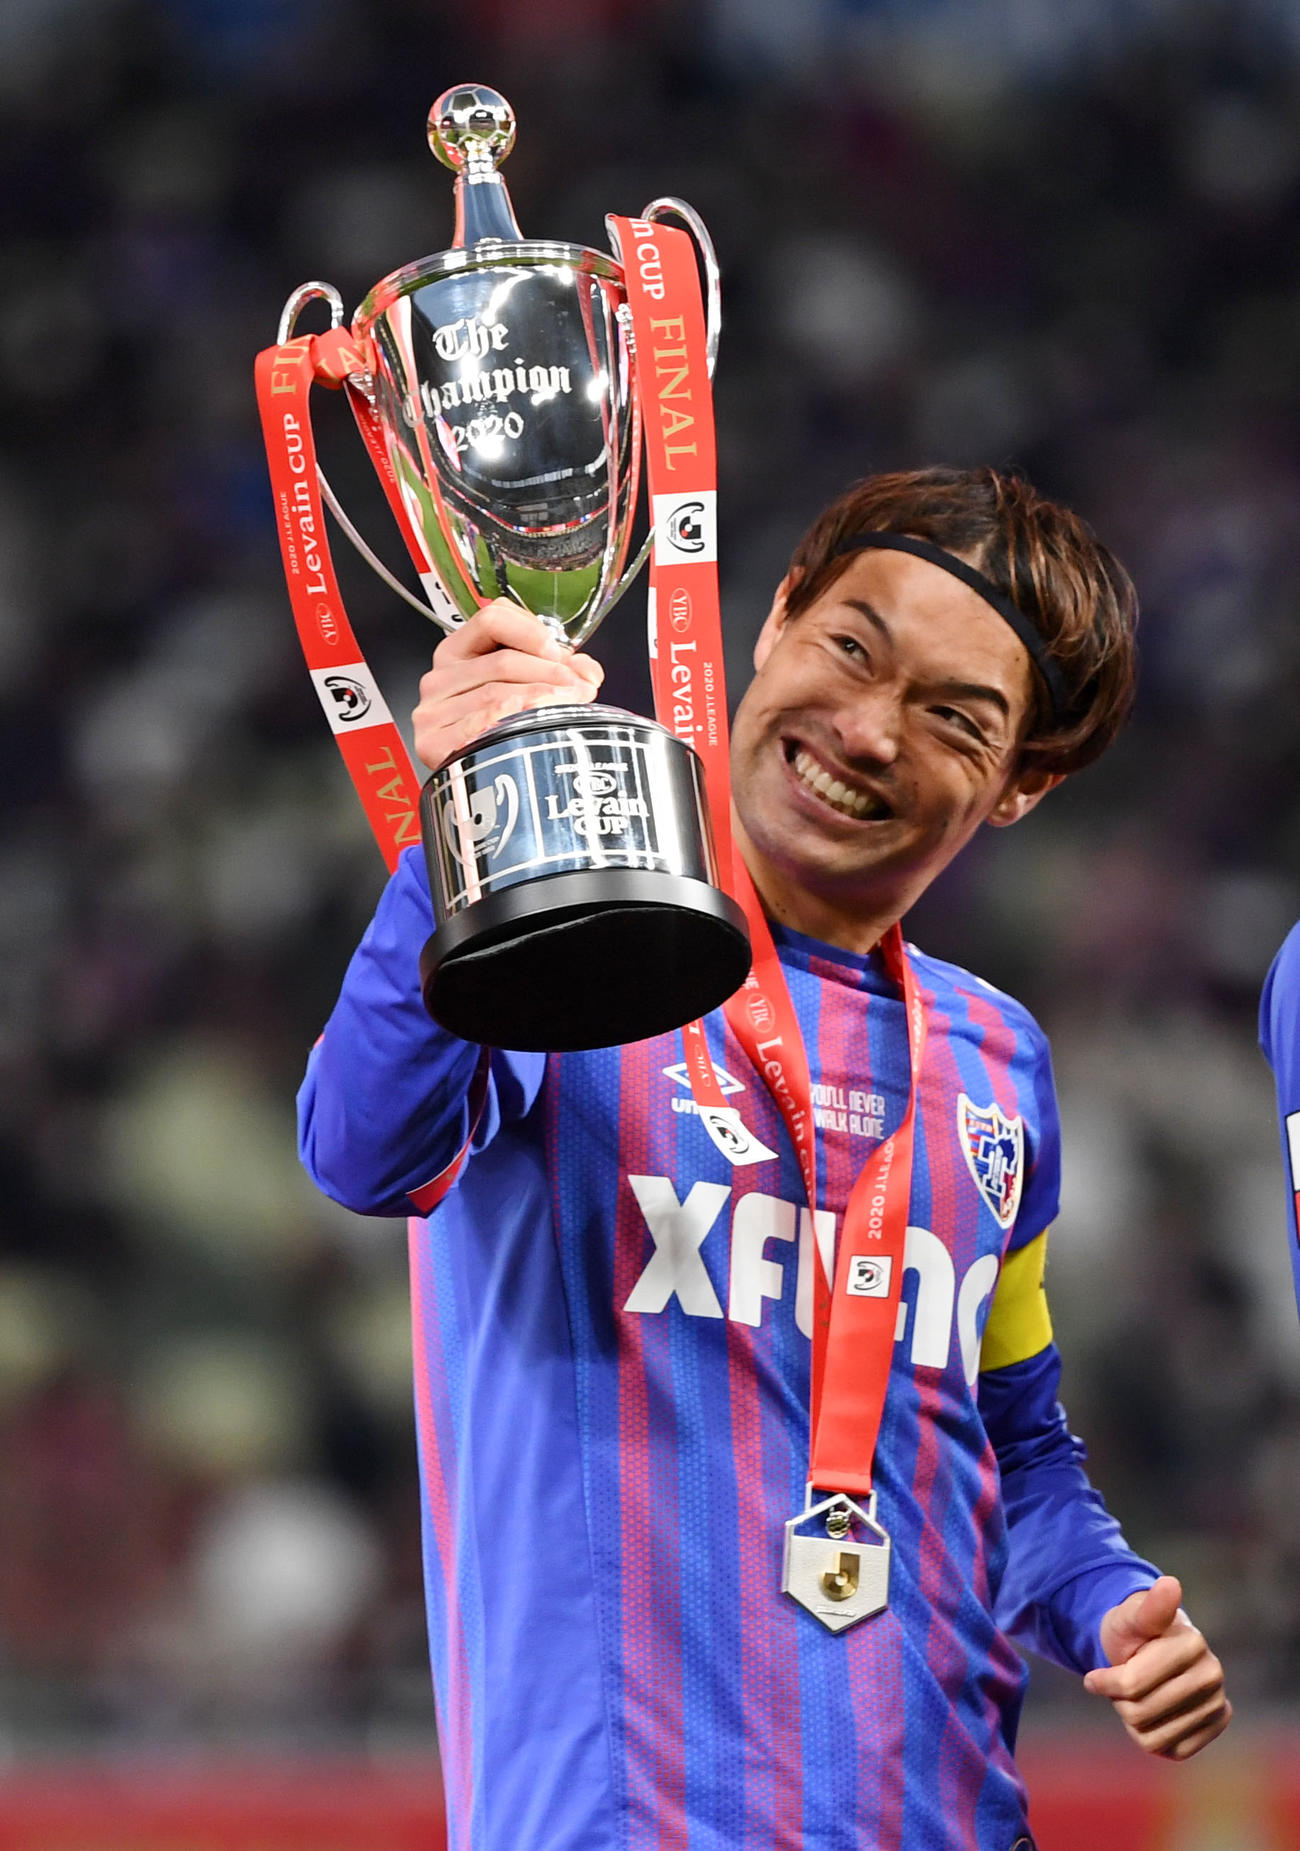 柏対東京 ルヴァン杯を笑顔で掲げる東京MF東(2021年1月4日撮影)